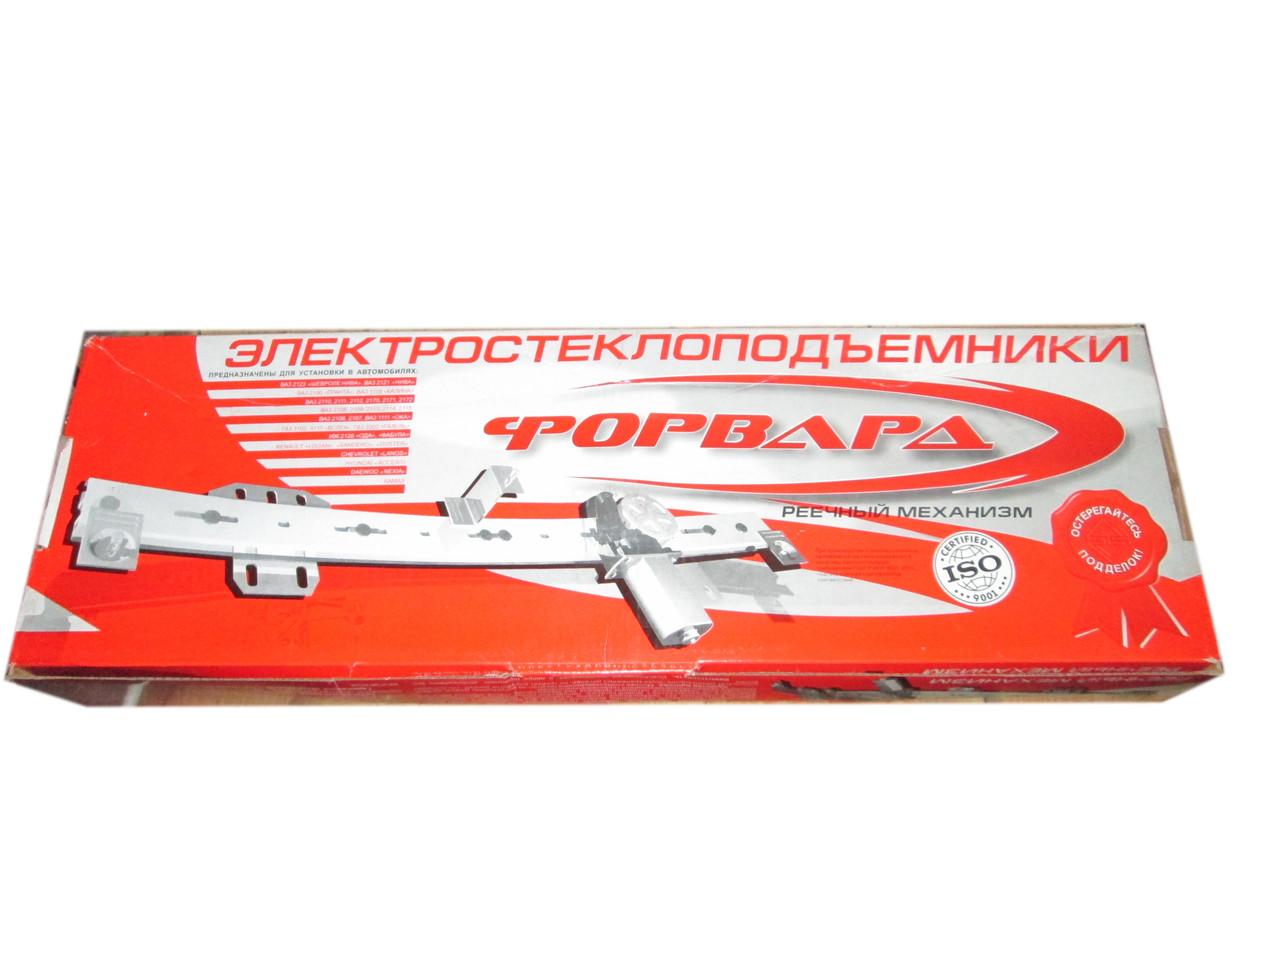 Електросклопідйомник рейковий на ВАЗ 2109, 21099